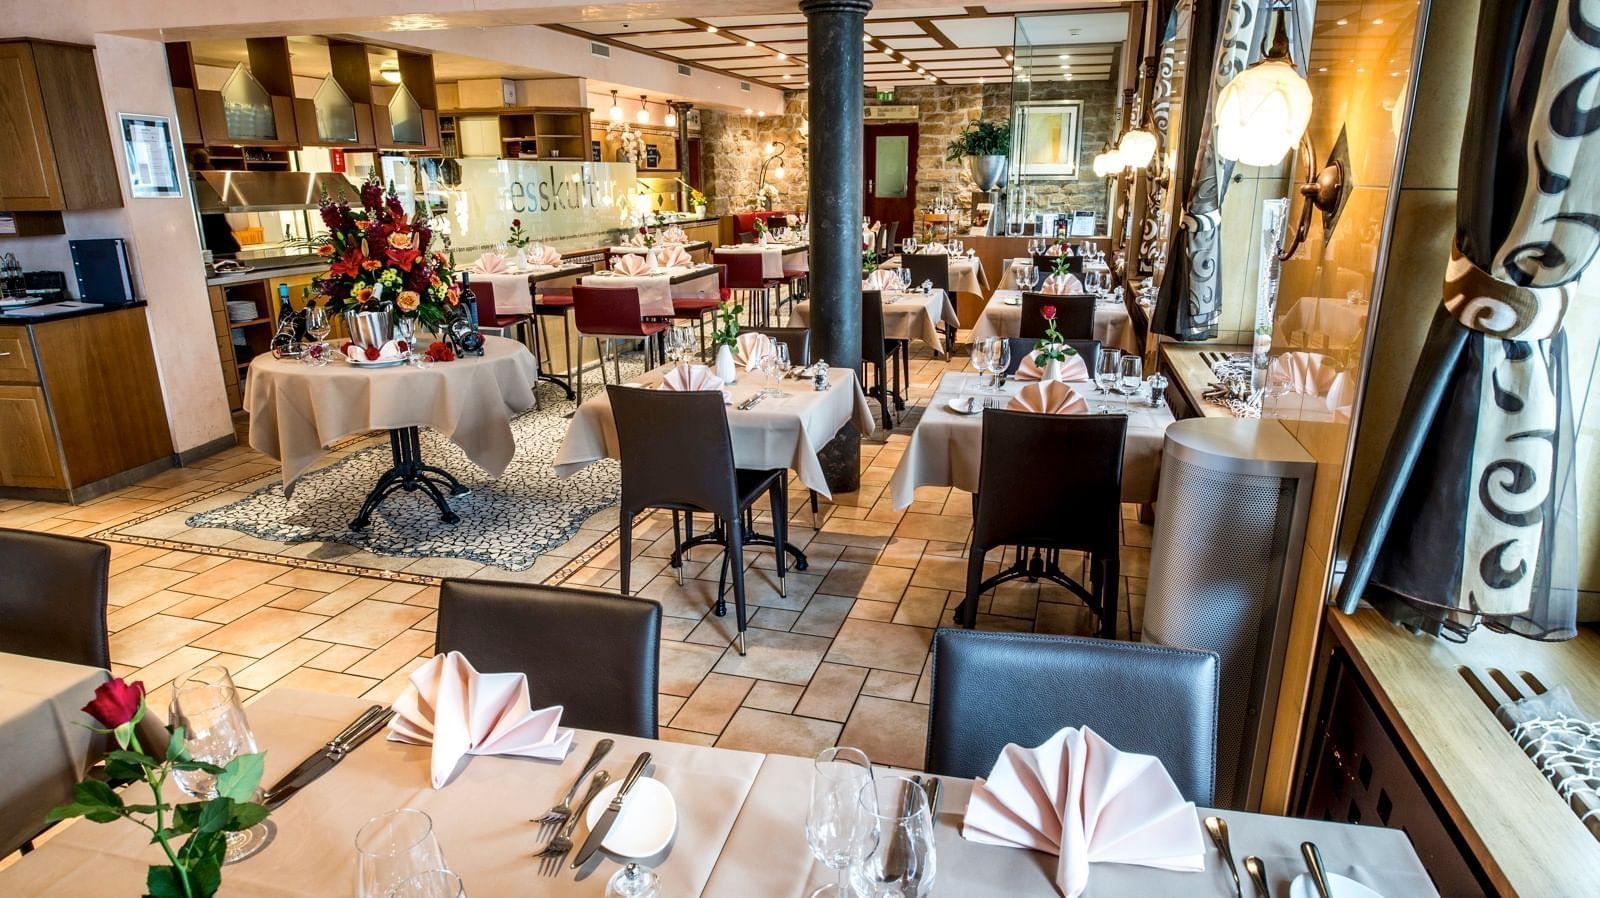 Restaurant im Hotel Krone Unterstrass in Zürich